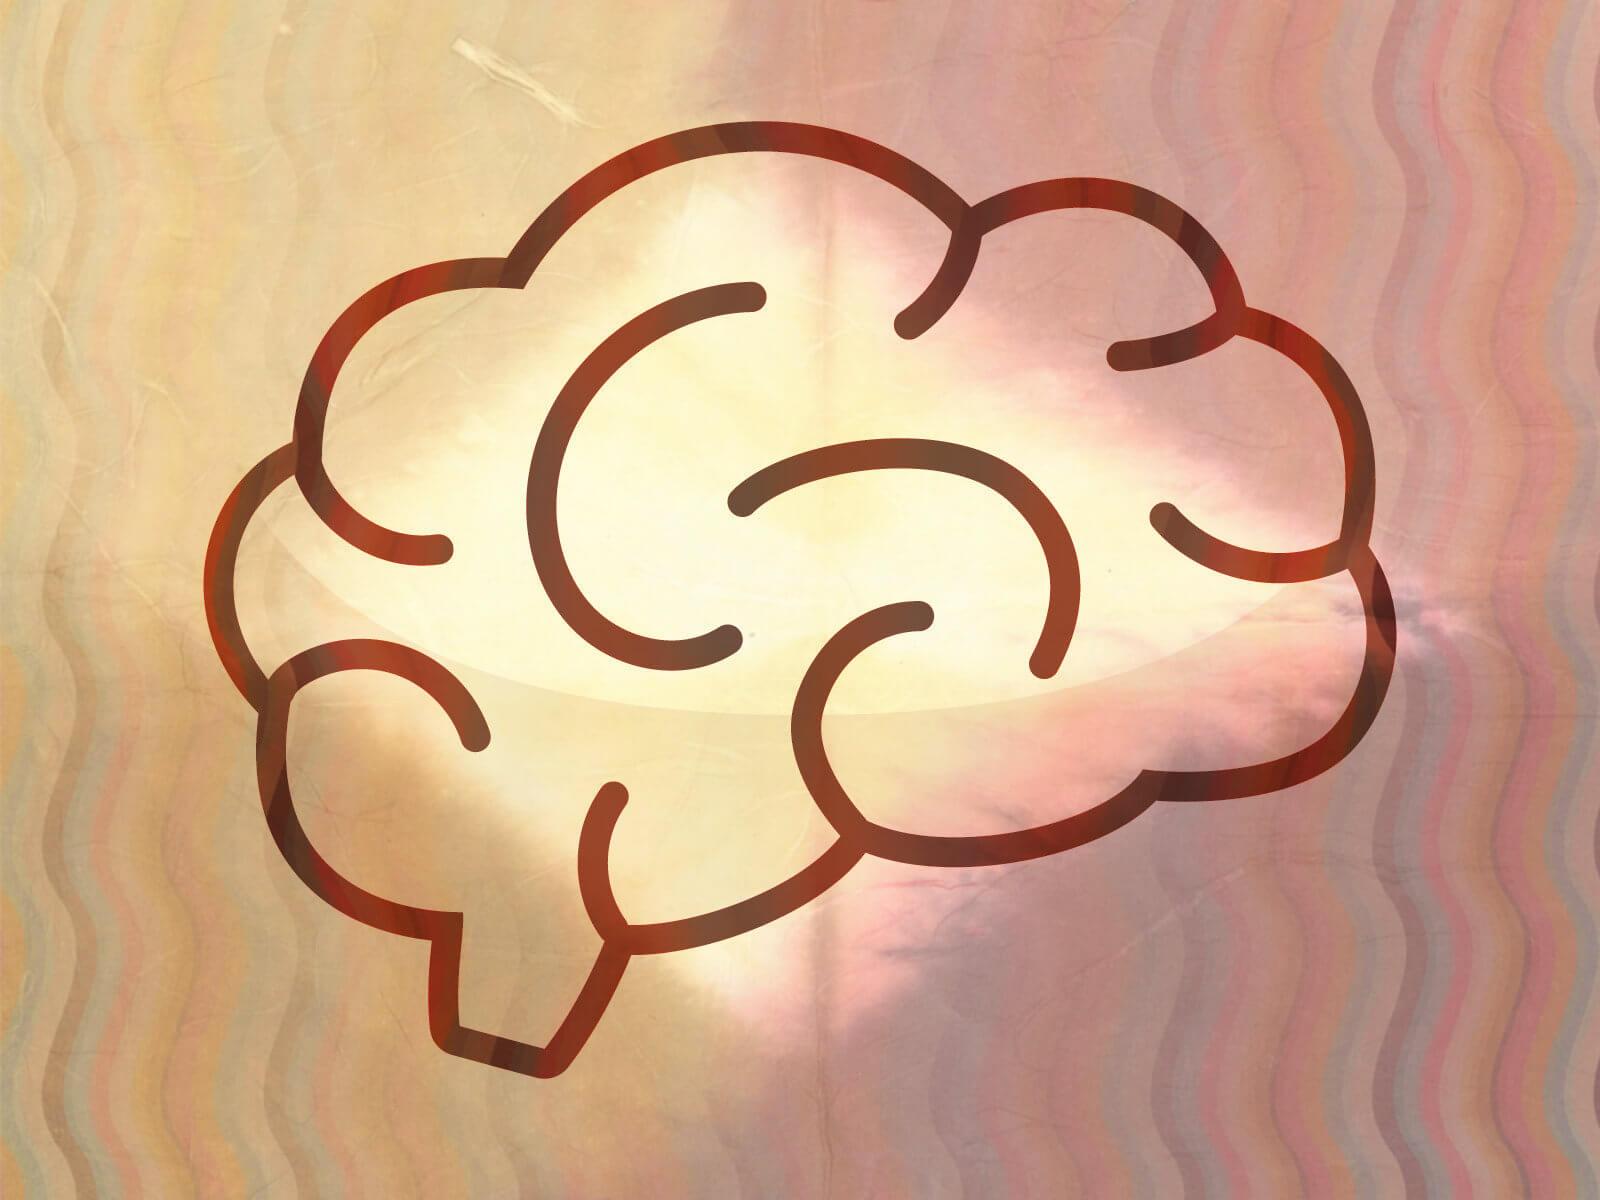 バイリンガル脳は疲れる?子どもへの早期英語学習のデメリット